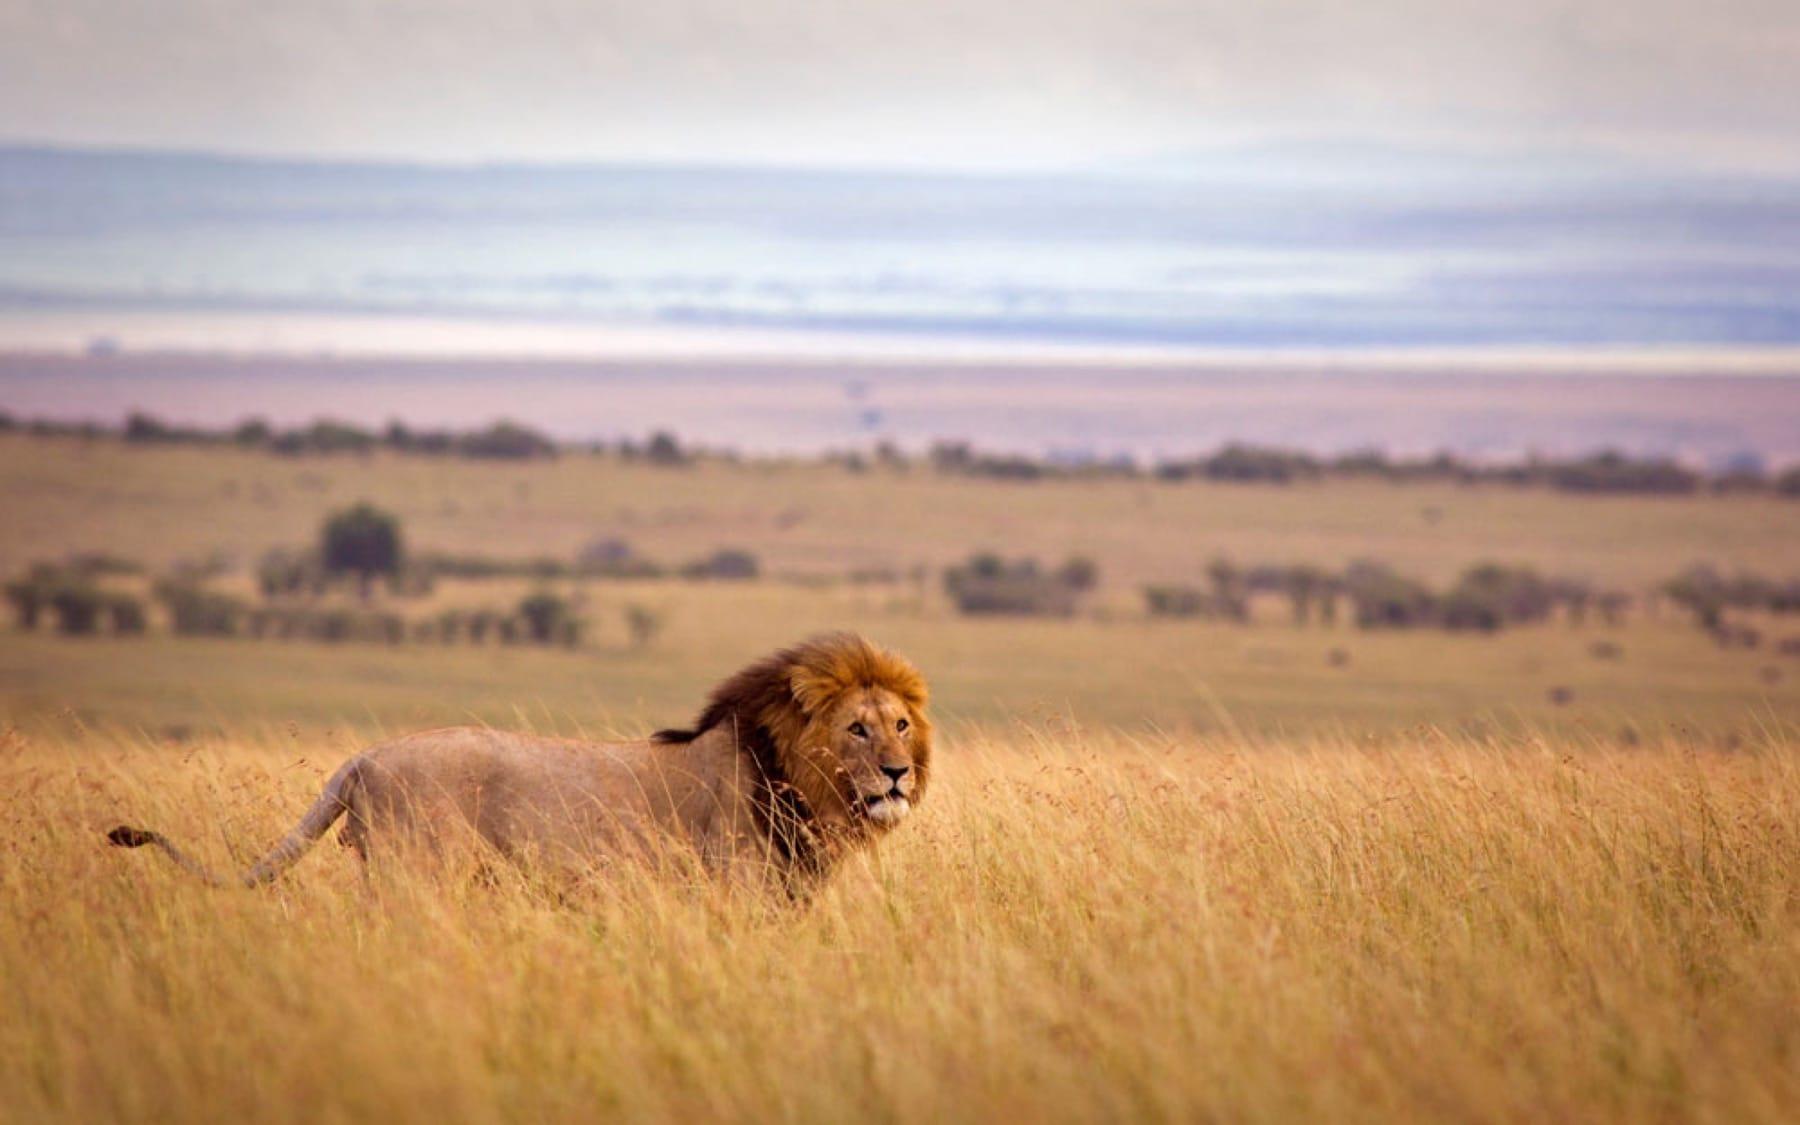 lion in Zambia